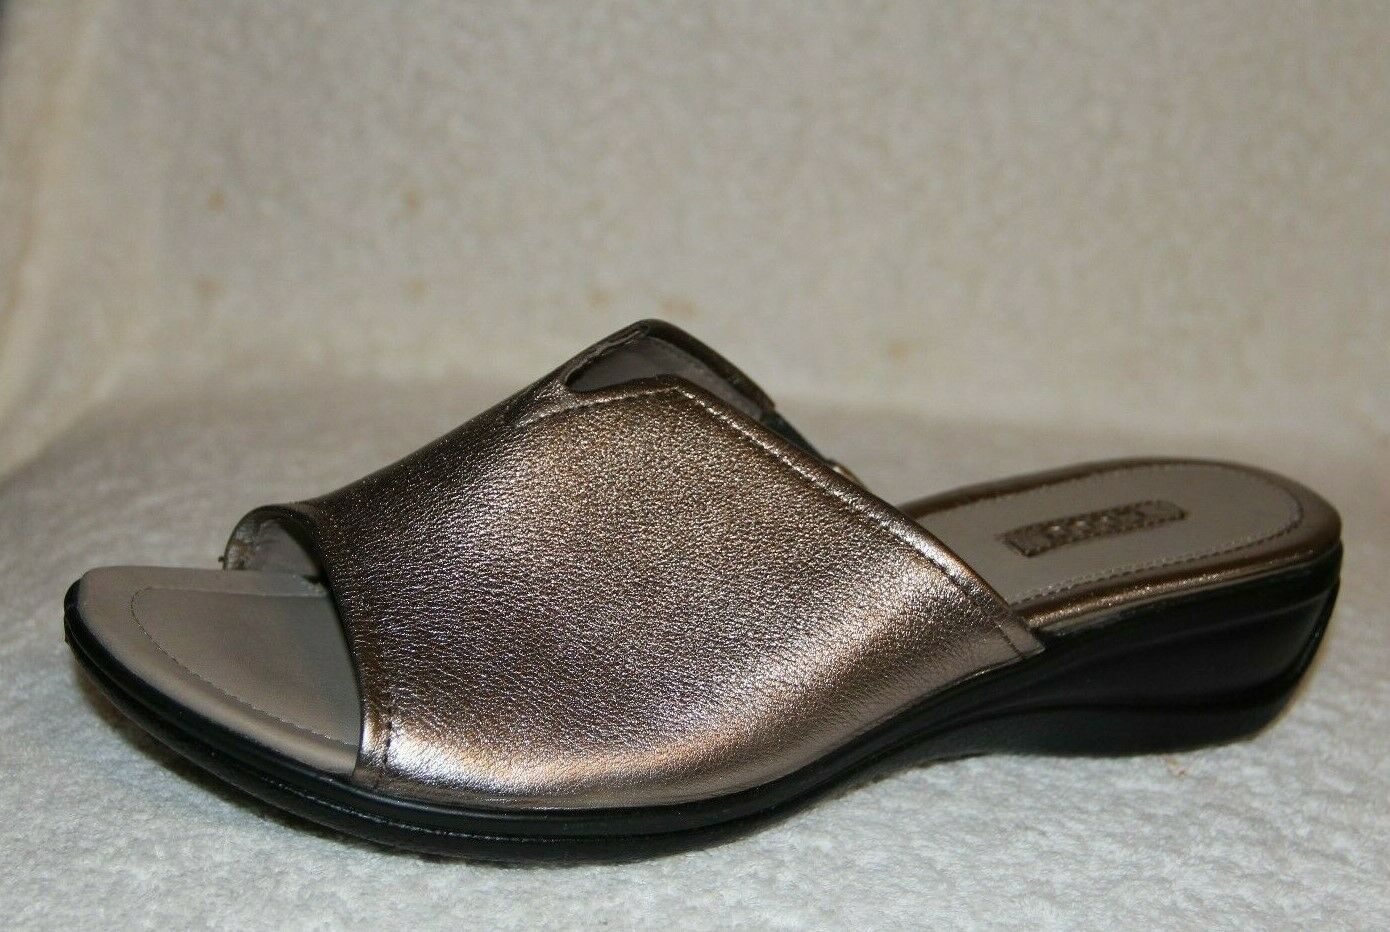 Nuevo Ecco Sensata Sandal gris Cálido Metálico (EE. UU.) 39 (UE)